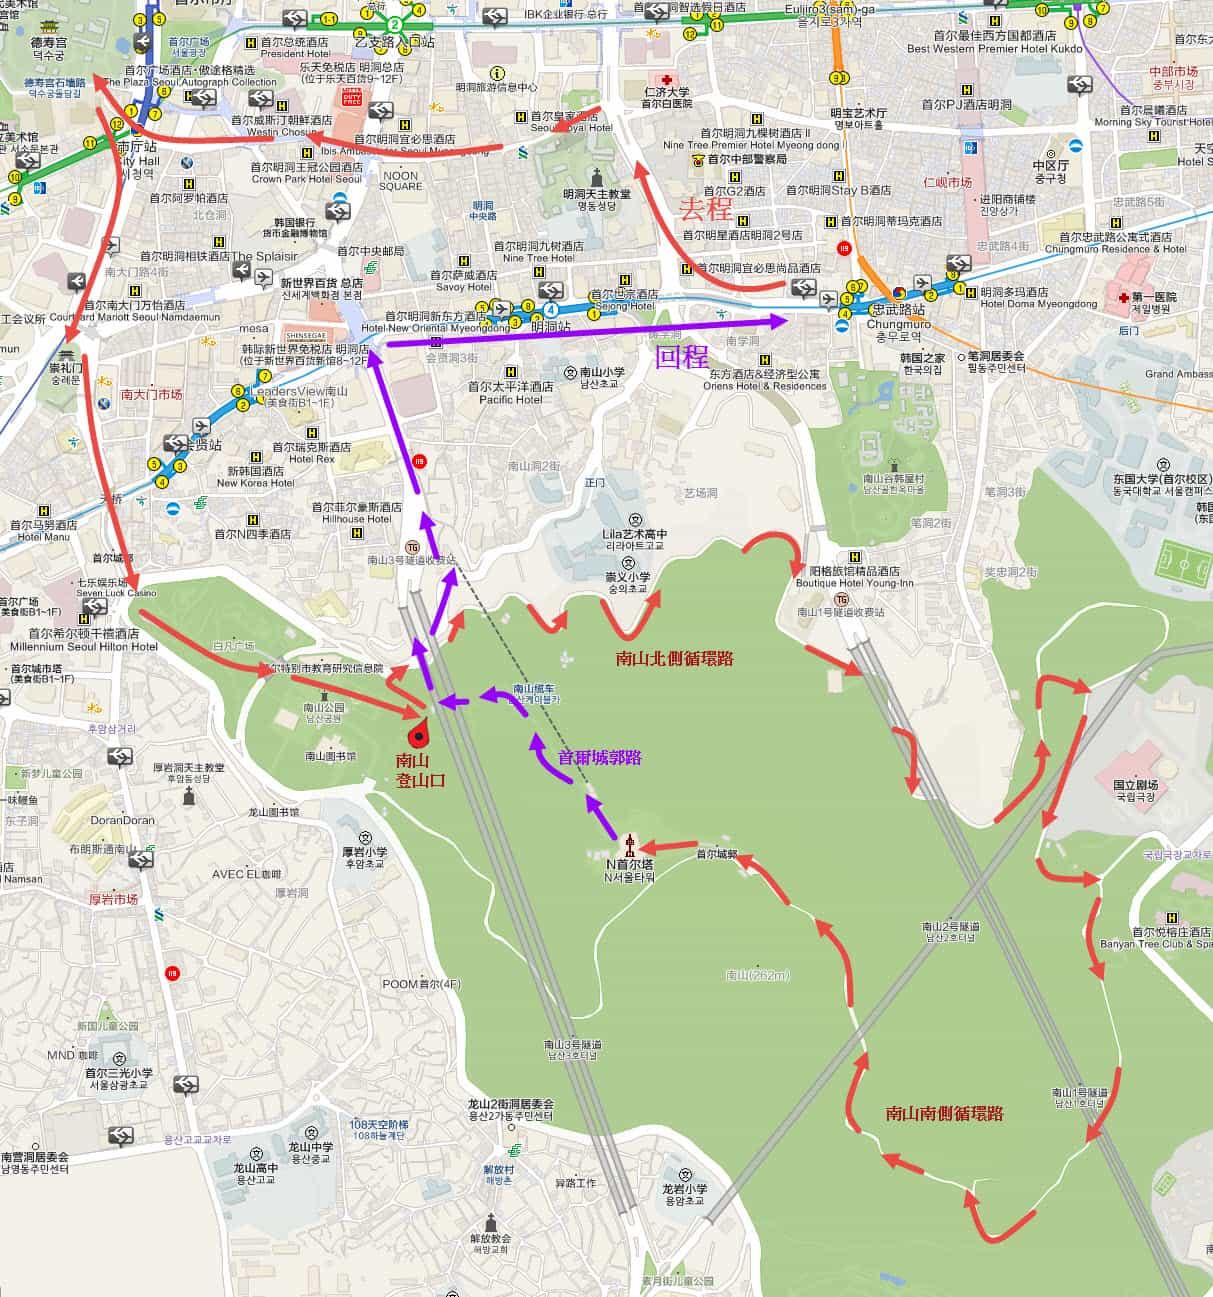 首爾一天徒步路線